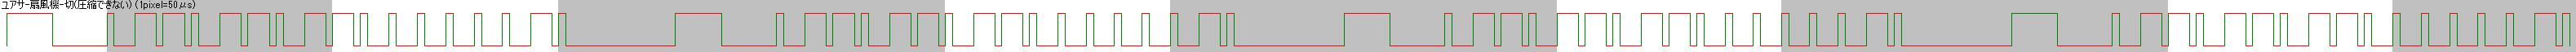 ユアサ-扇風機-切(圧縮できない).png